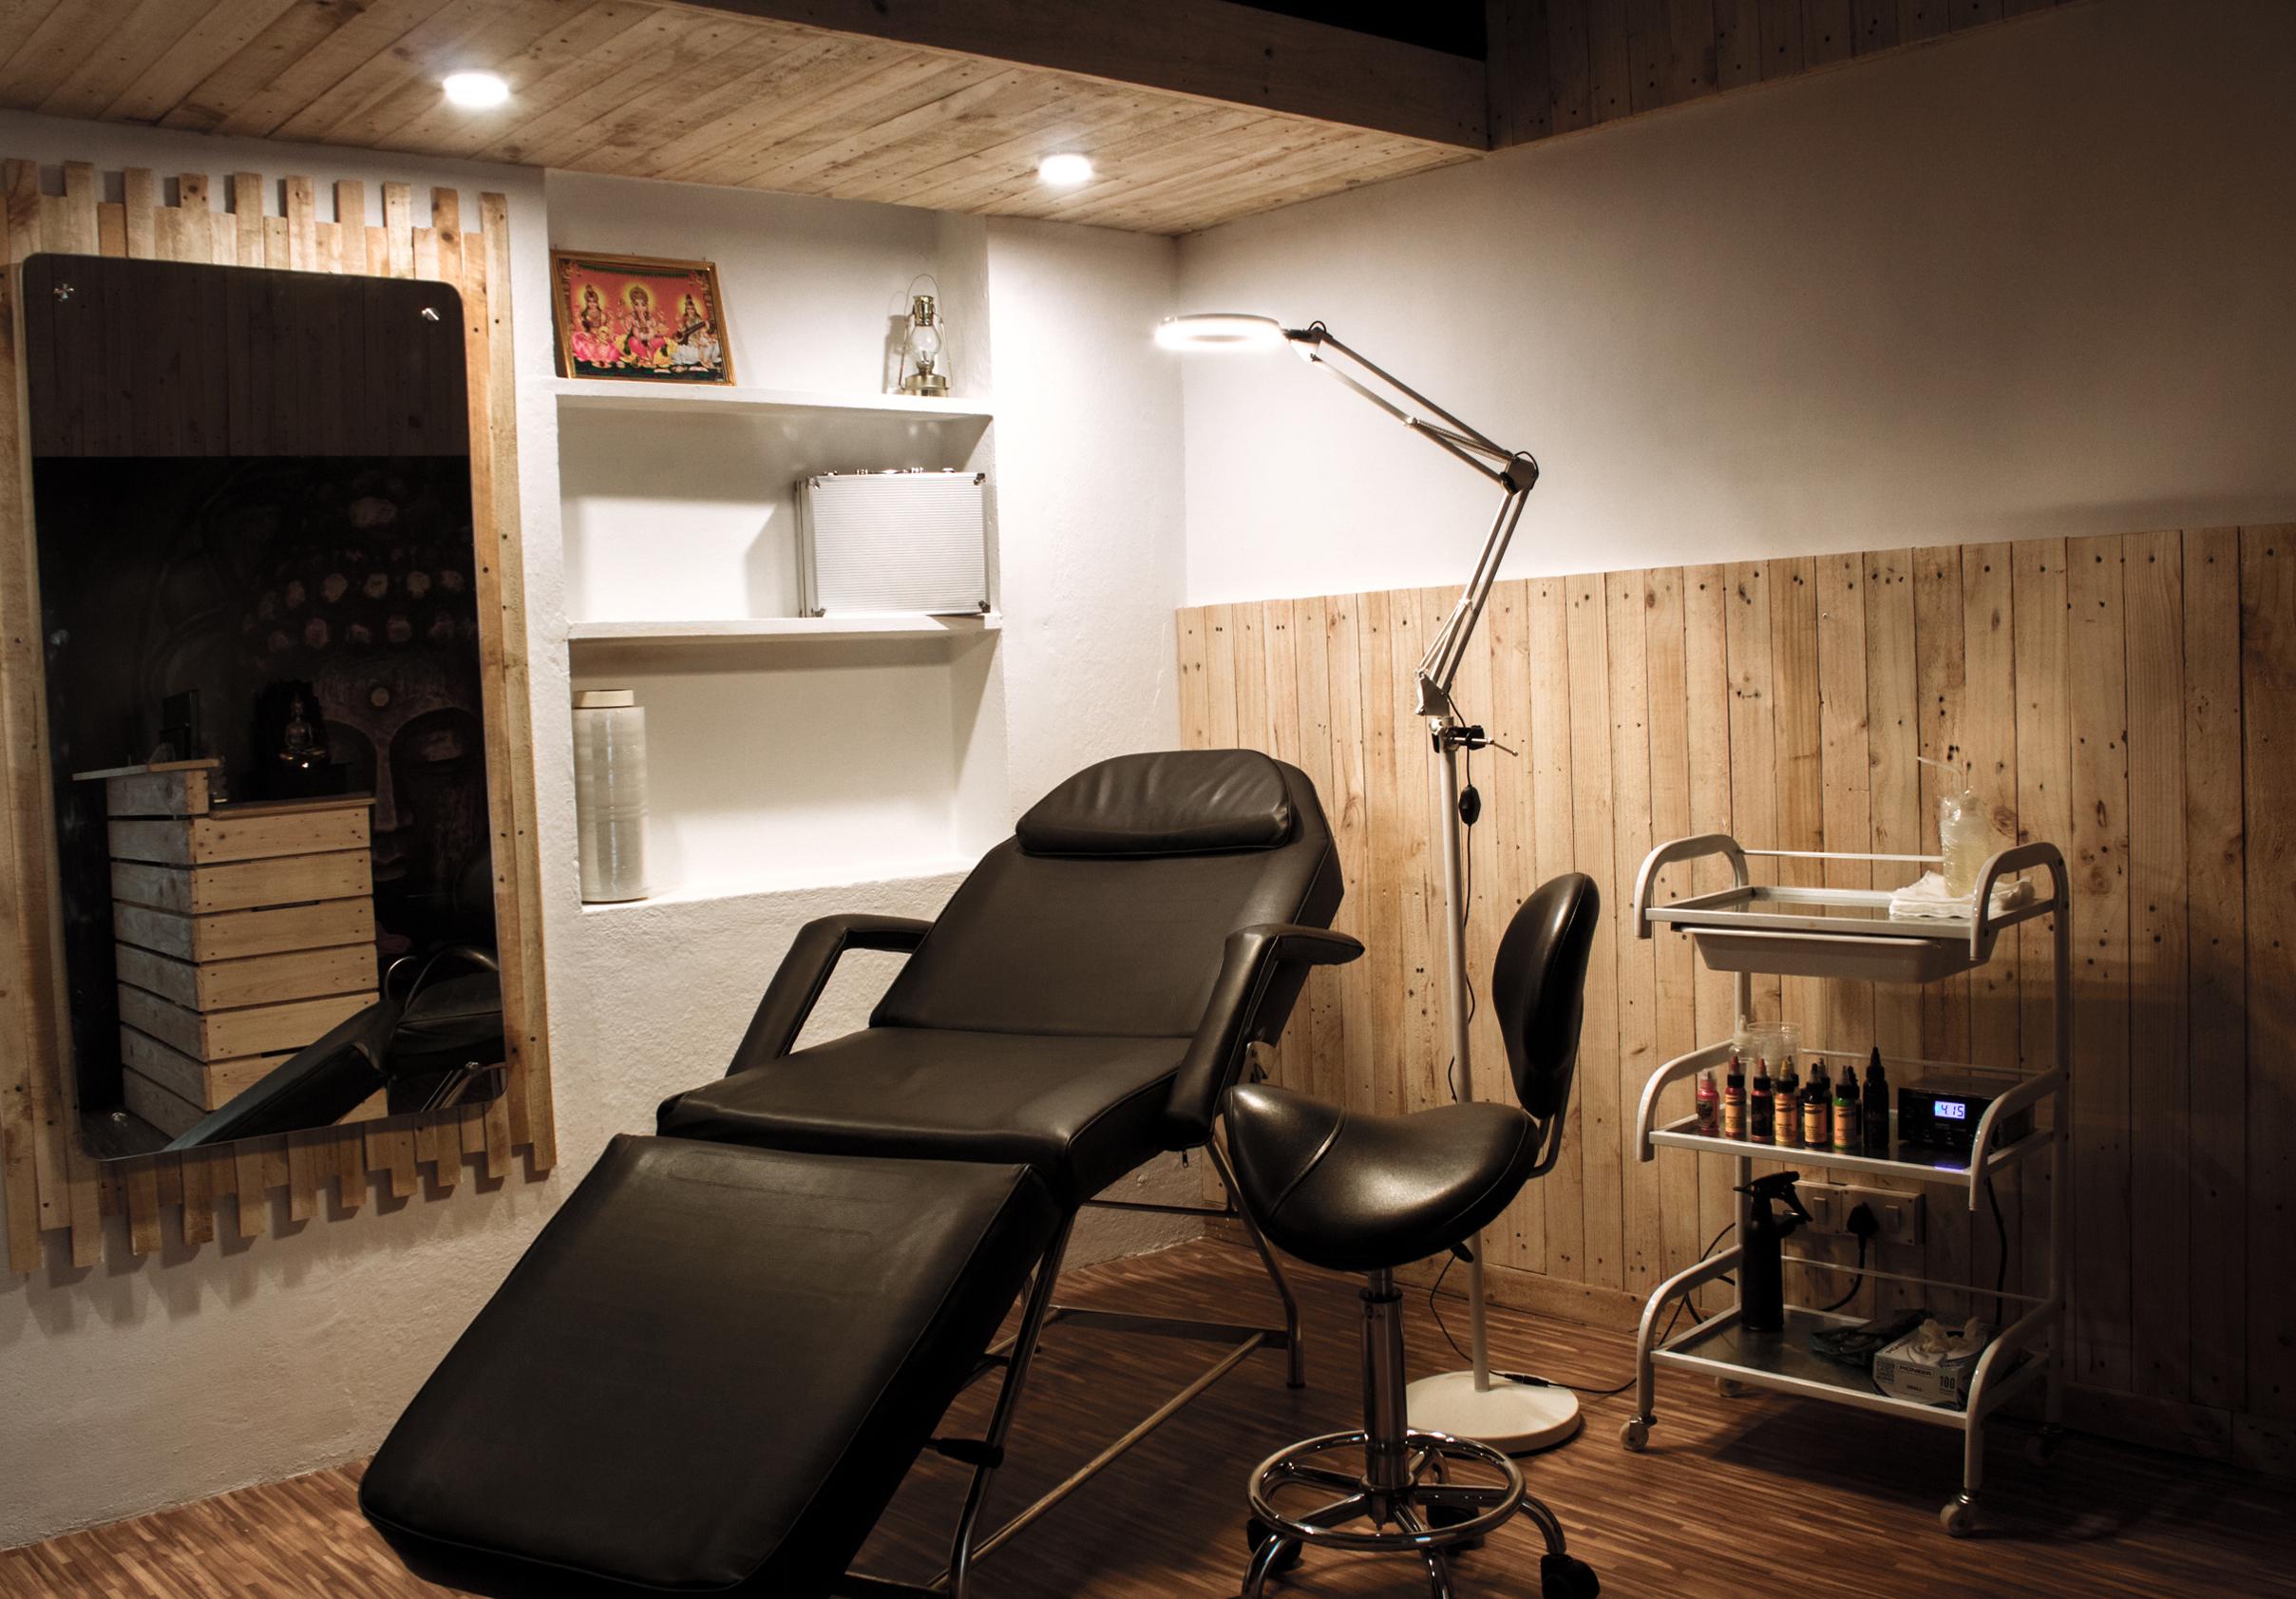 Tattooshader Best tattoo studio | Top tattoo shop in chrompet,